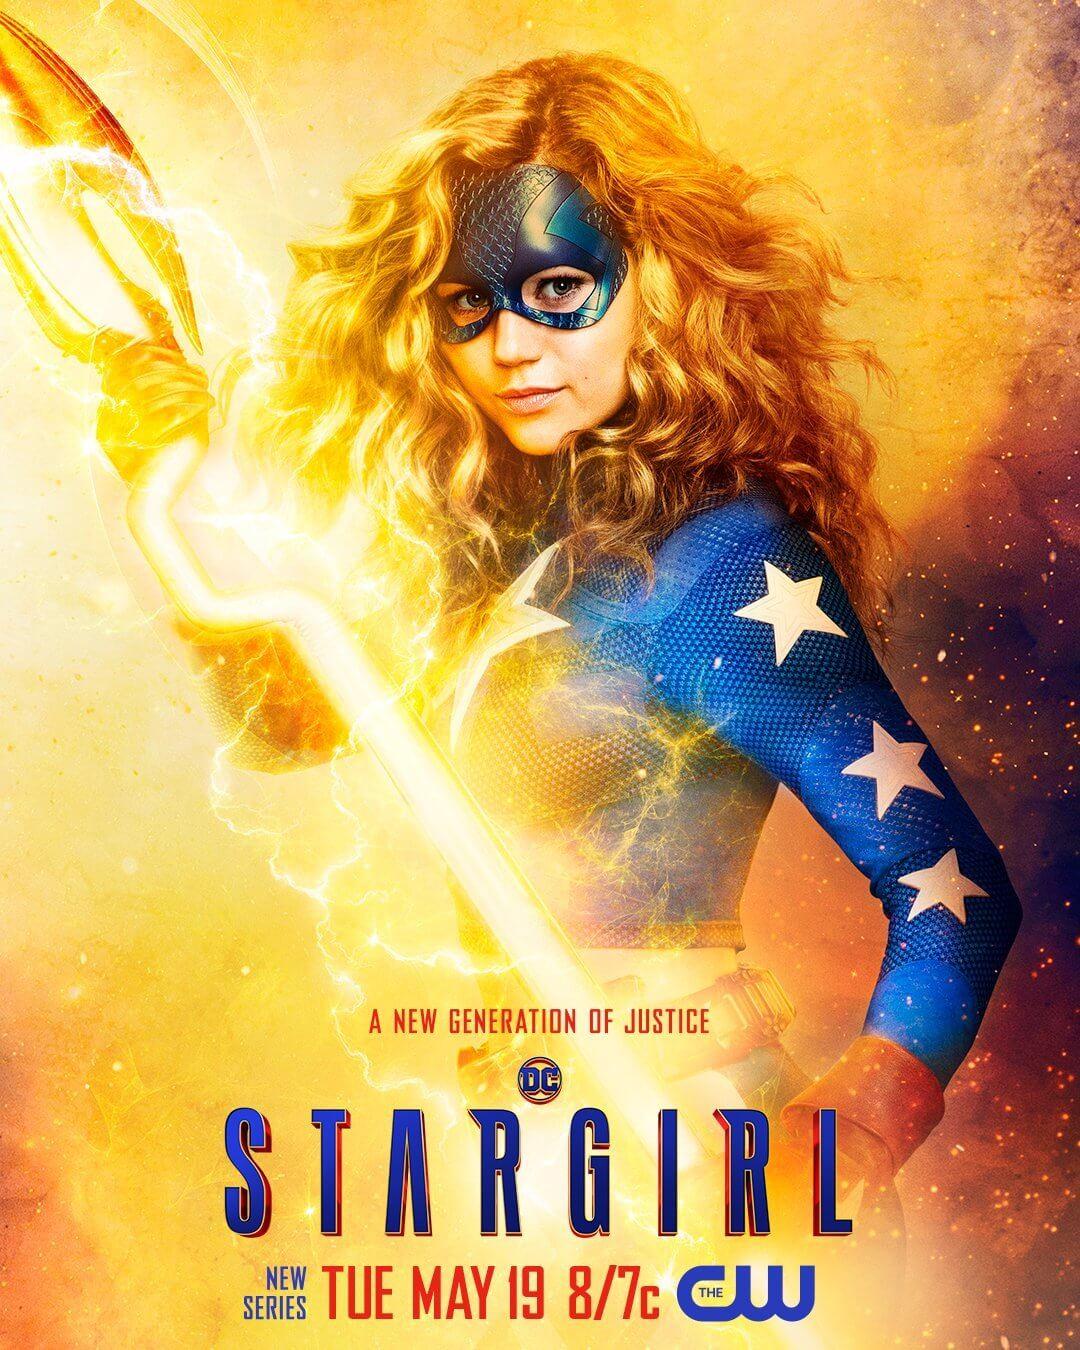 Download Séries Stargirl 2ª Temporada Torrent 2021 Qualidade Hd